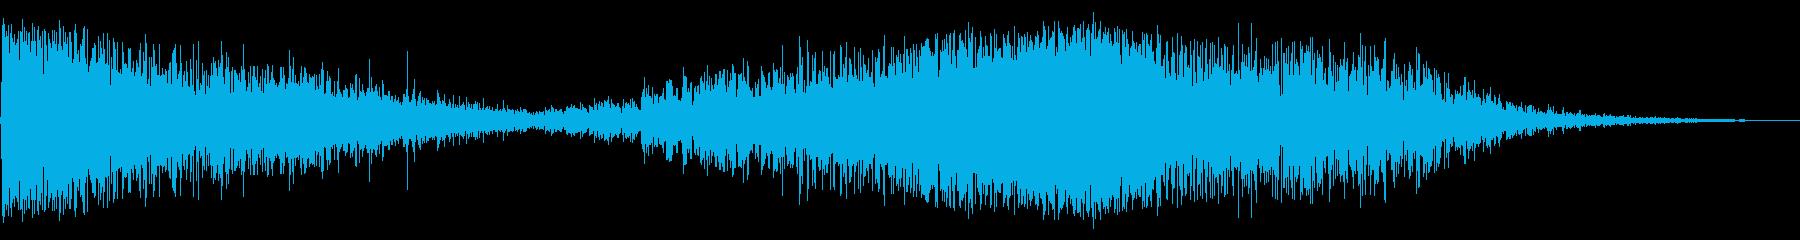 ホローグリッティインパクトアンドランブルの再生済みの波形